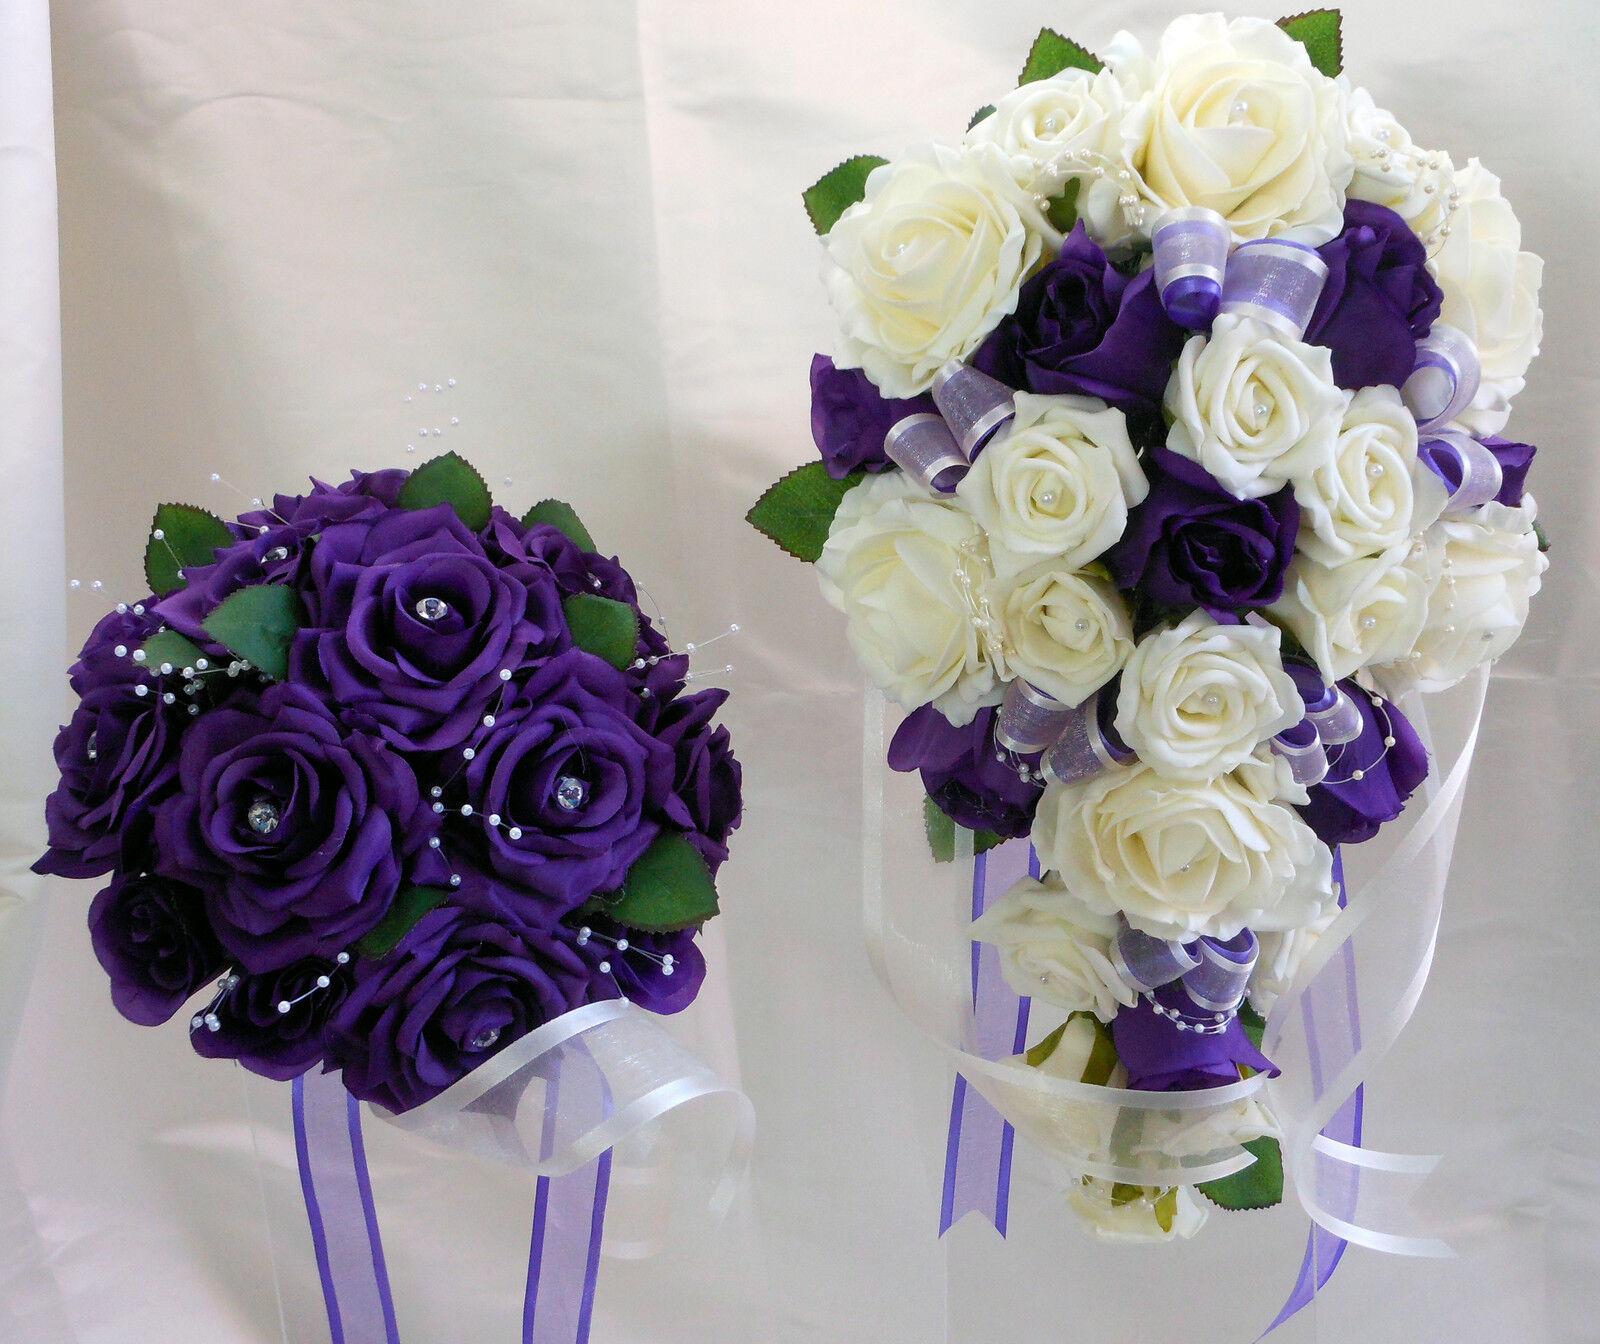 Bouquet de mariage ensemble ensemble mariage violet & blanc ROSES avec perles & diaFemmets 81abc8